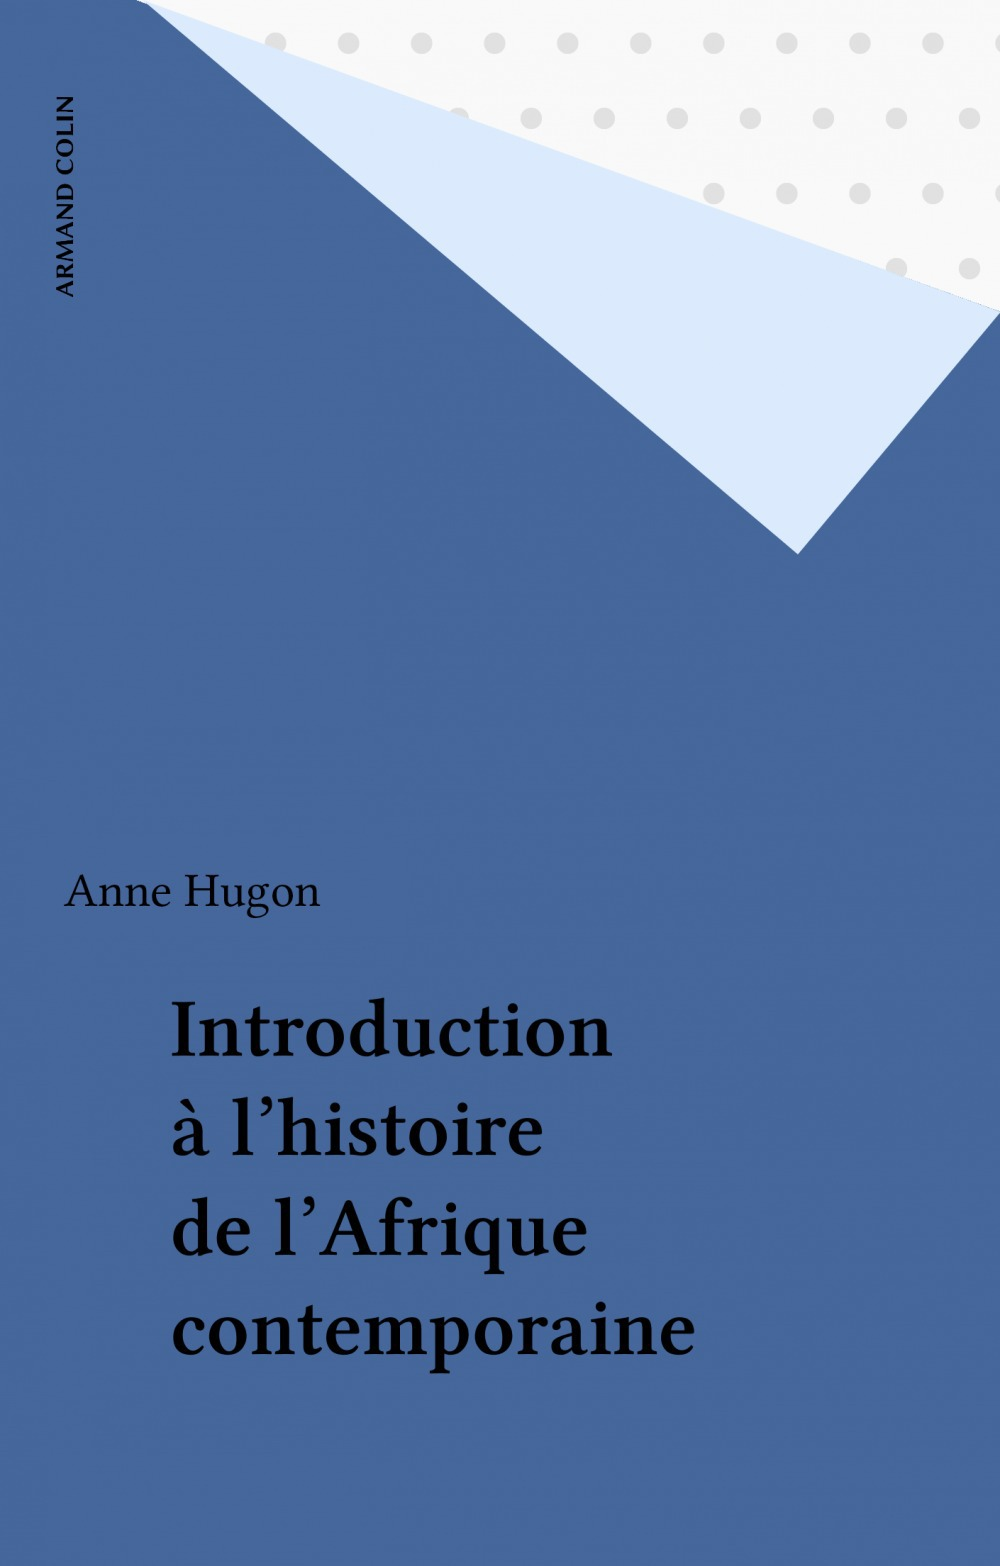 Introduction à l'histoire de l'Afrique contemporaine  - Anne Hugon